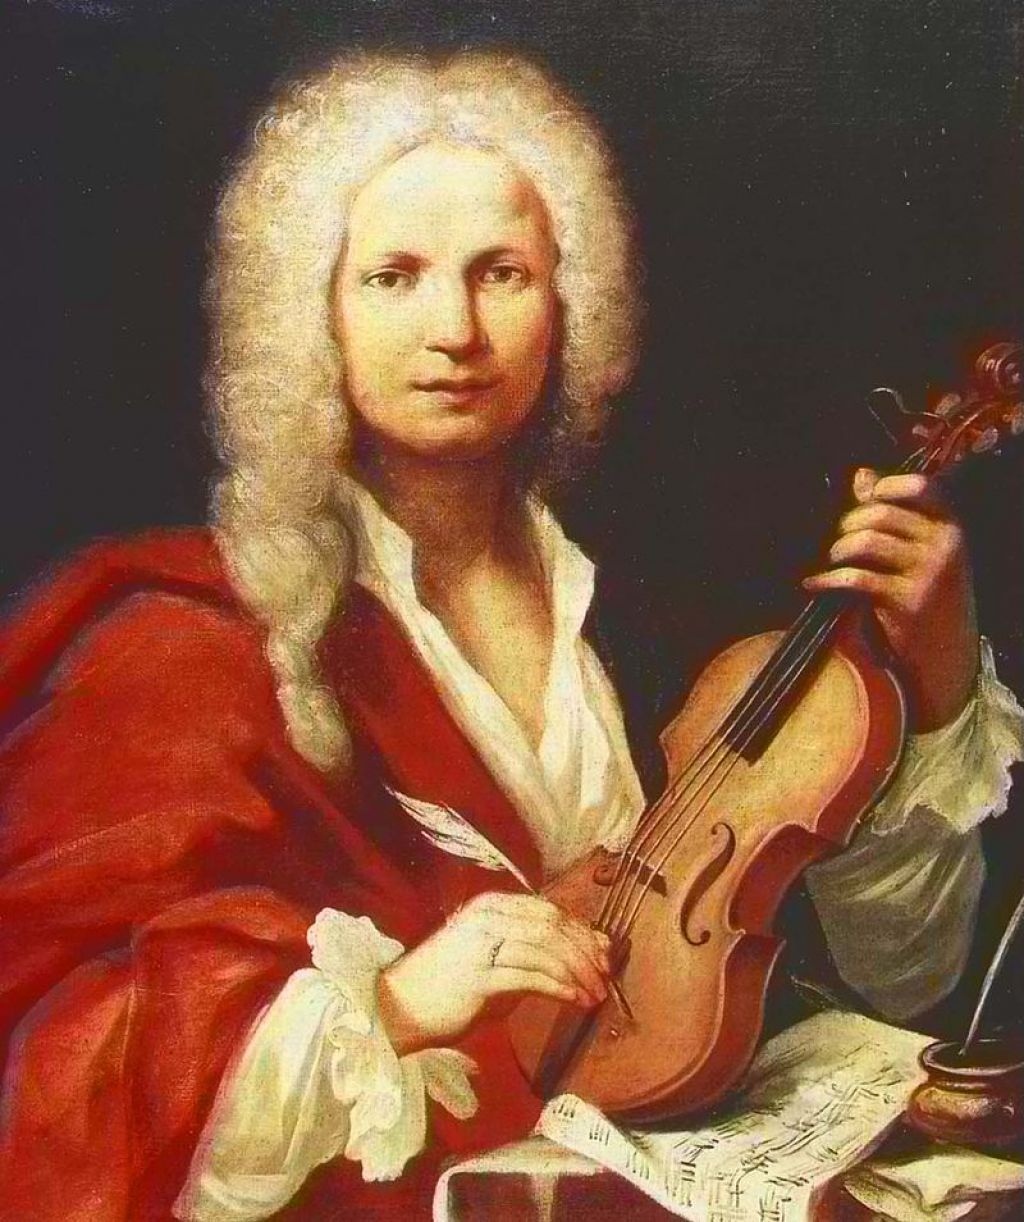 Na Filharmoničnem festivalu baročne glasbe v ospredju italijanska glasba